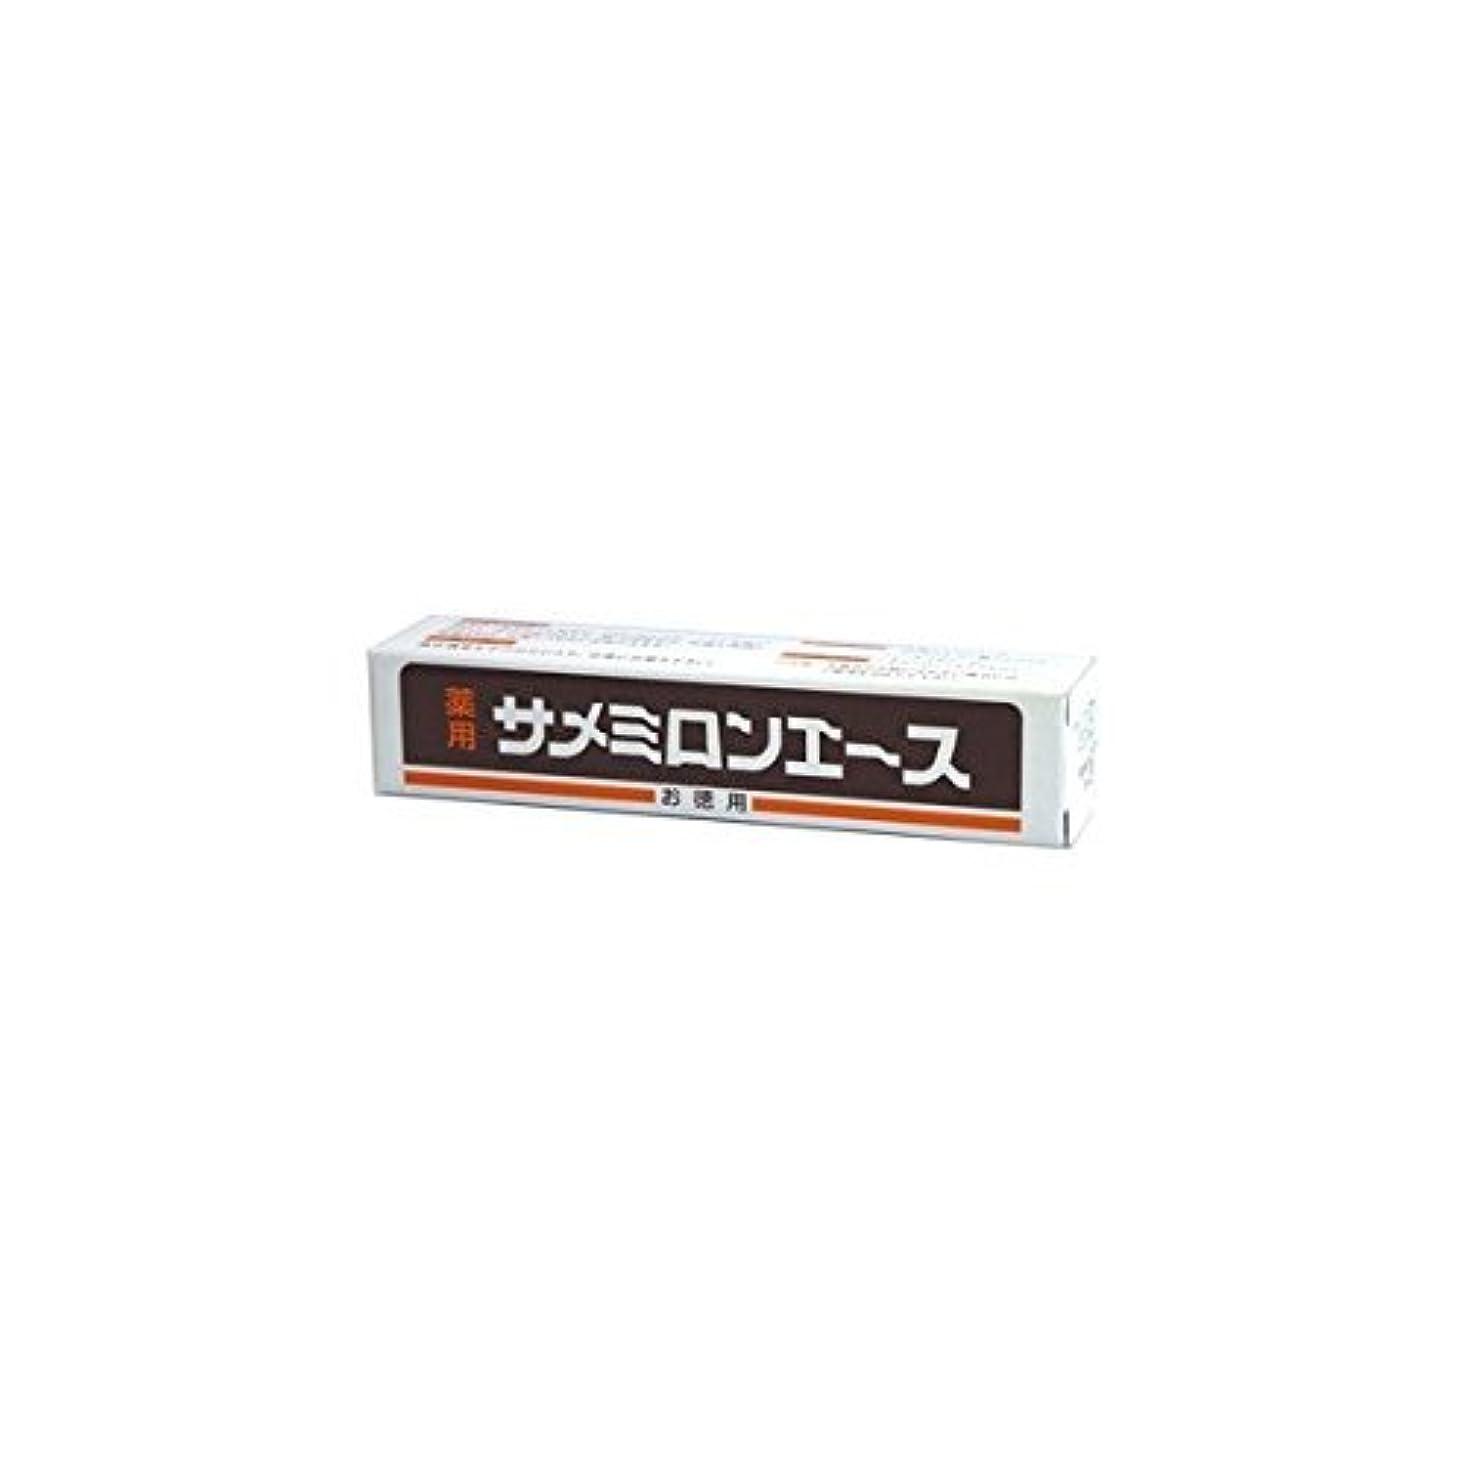 経済強化インシデント薬用 サメミロンエース 20ml入り 2個 スクアレン配合